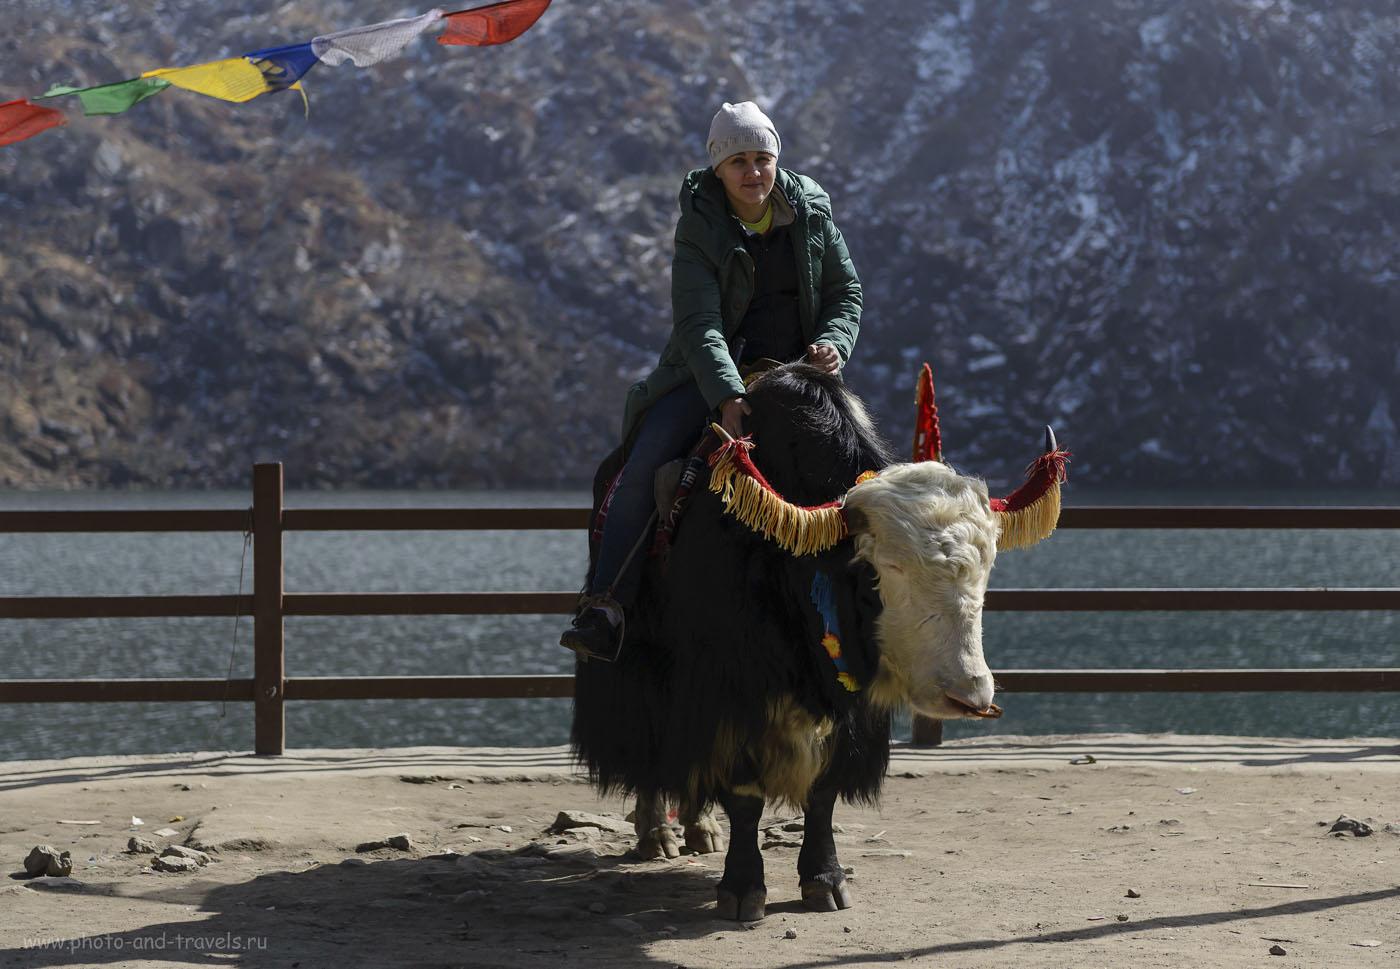 Фото 32. Отчет об экскурсии к озеру Тсонгмо (Tsongmo Lake) в Гималаях. Путешествие по Индии самостоятельно. 1/4000, -1.67, 3.2, 200, 70.